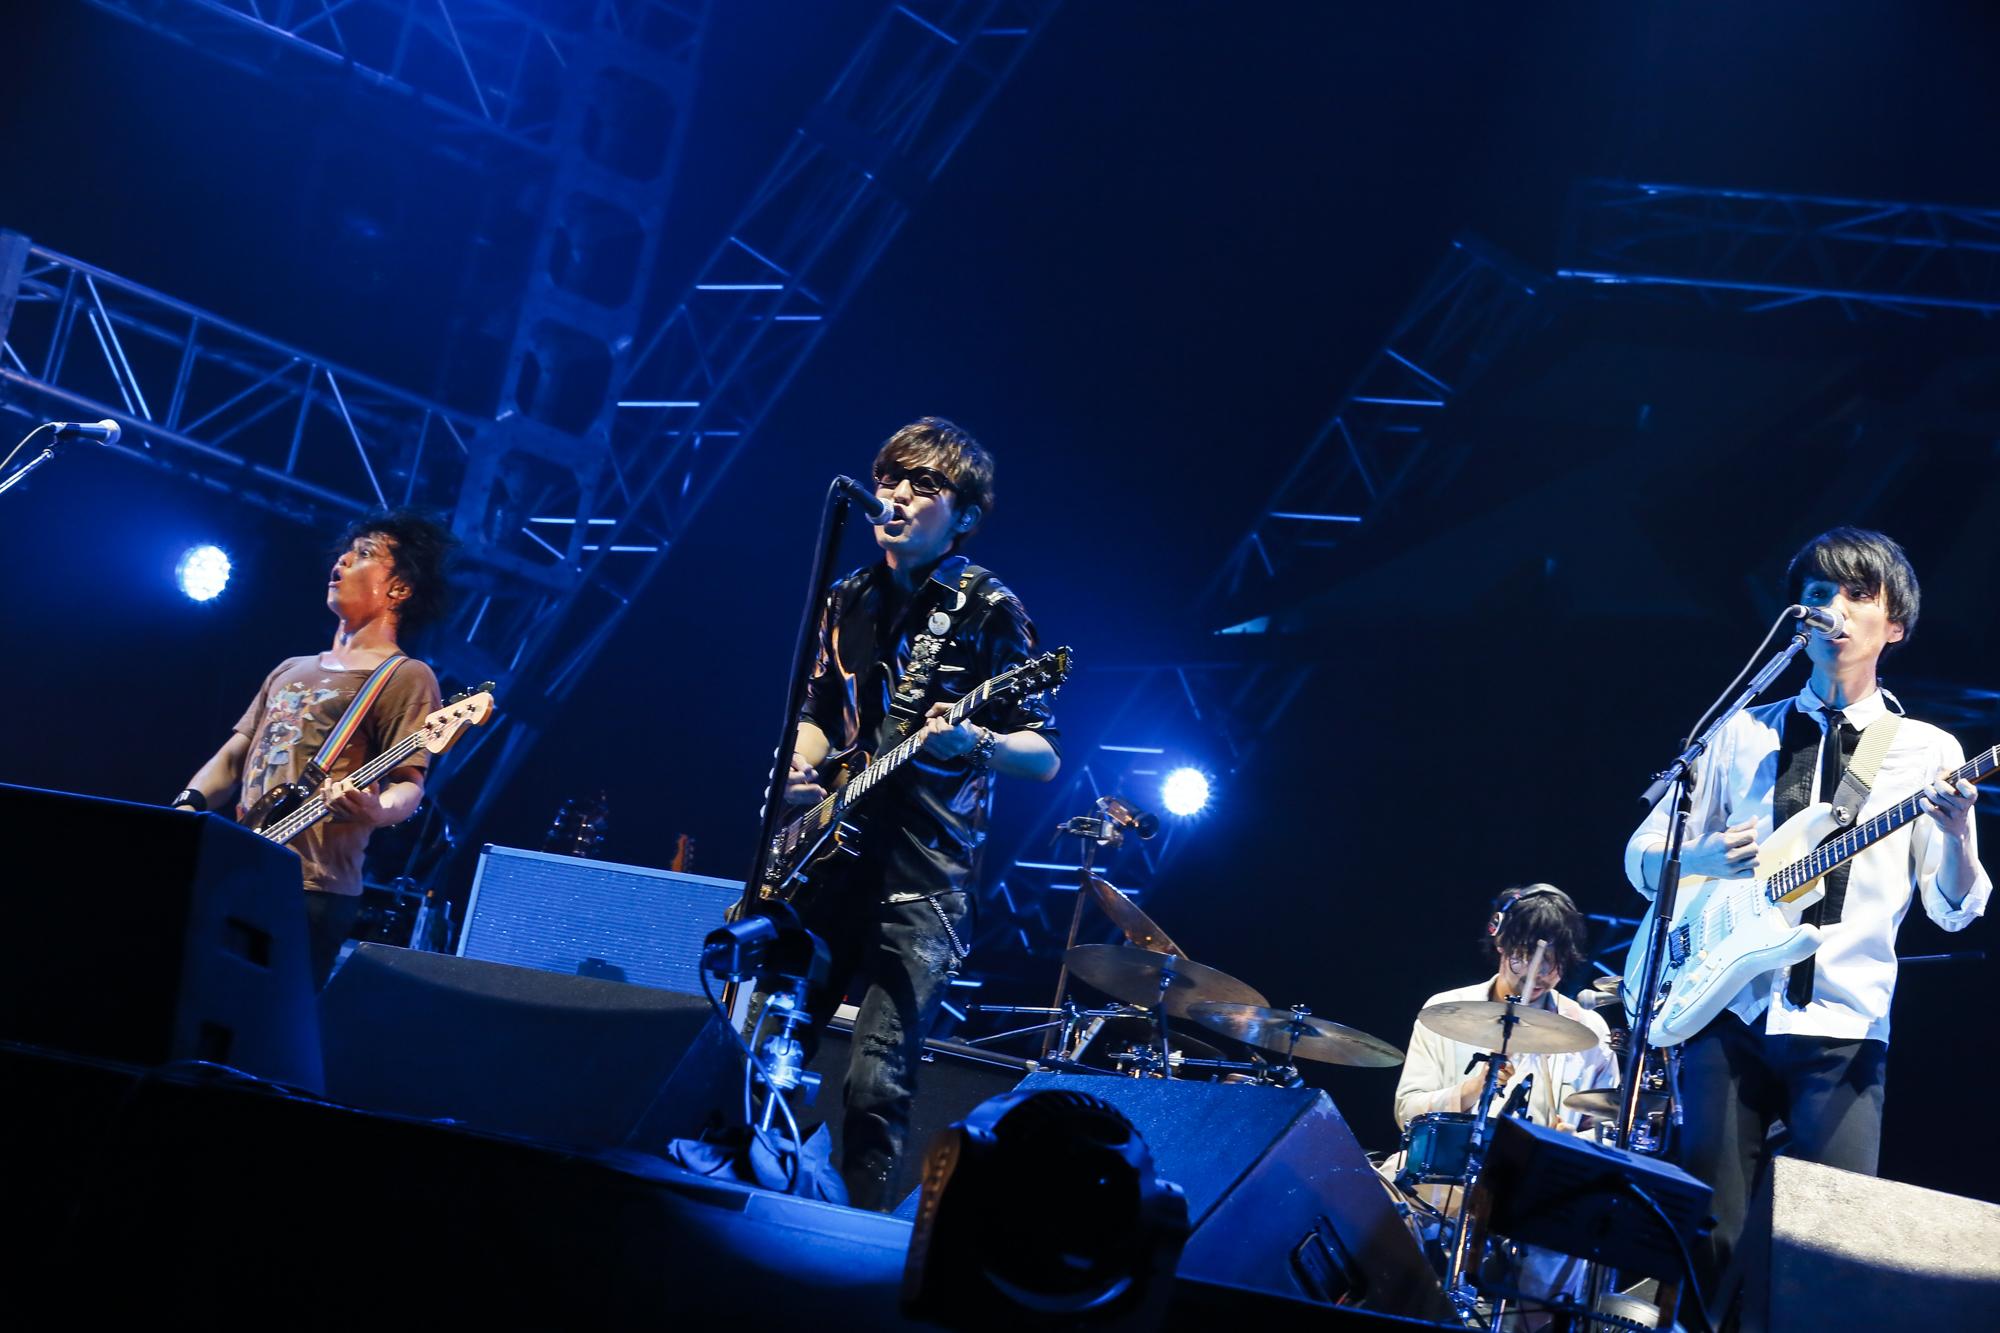 スガシカオと共演するUnison Square Garden